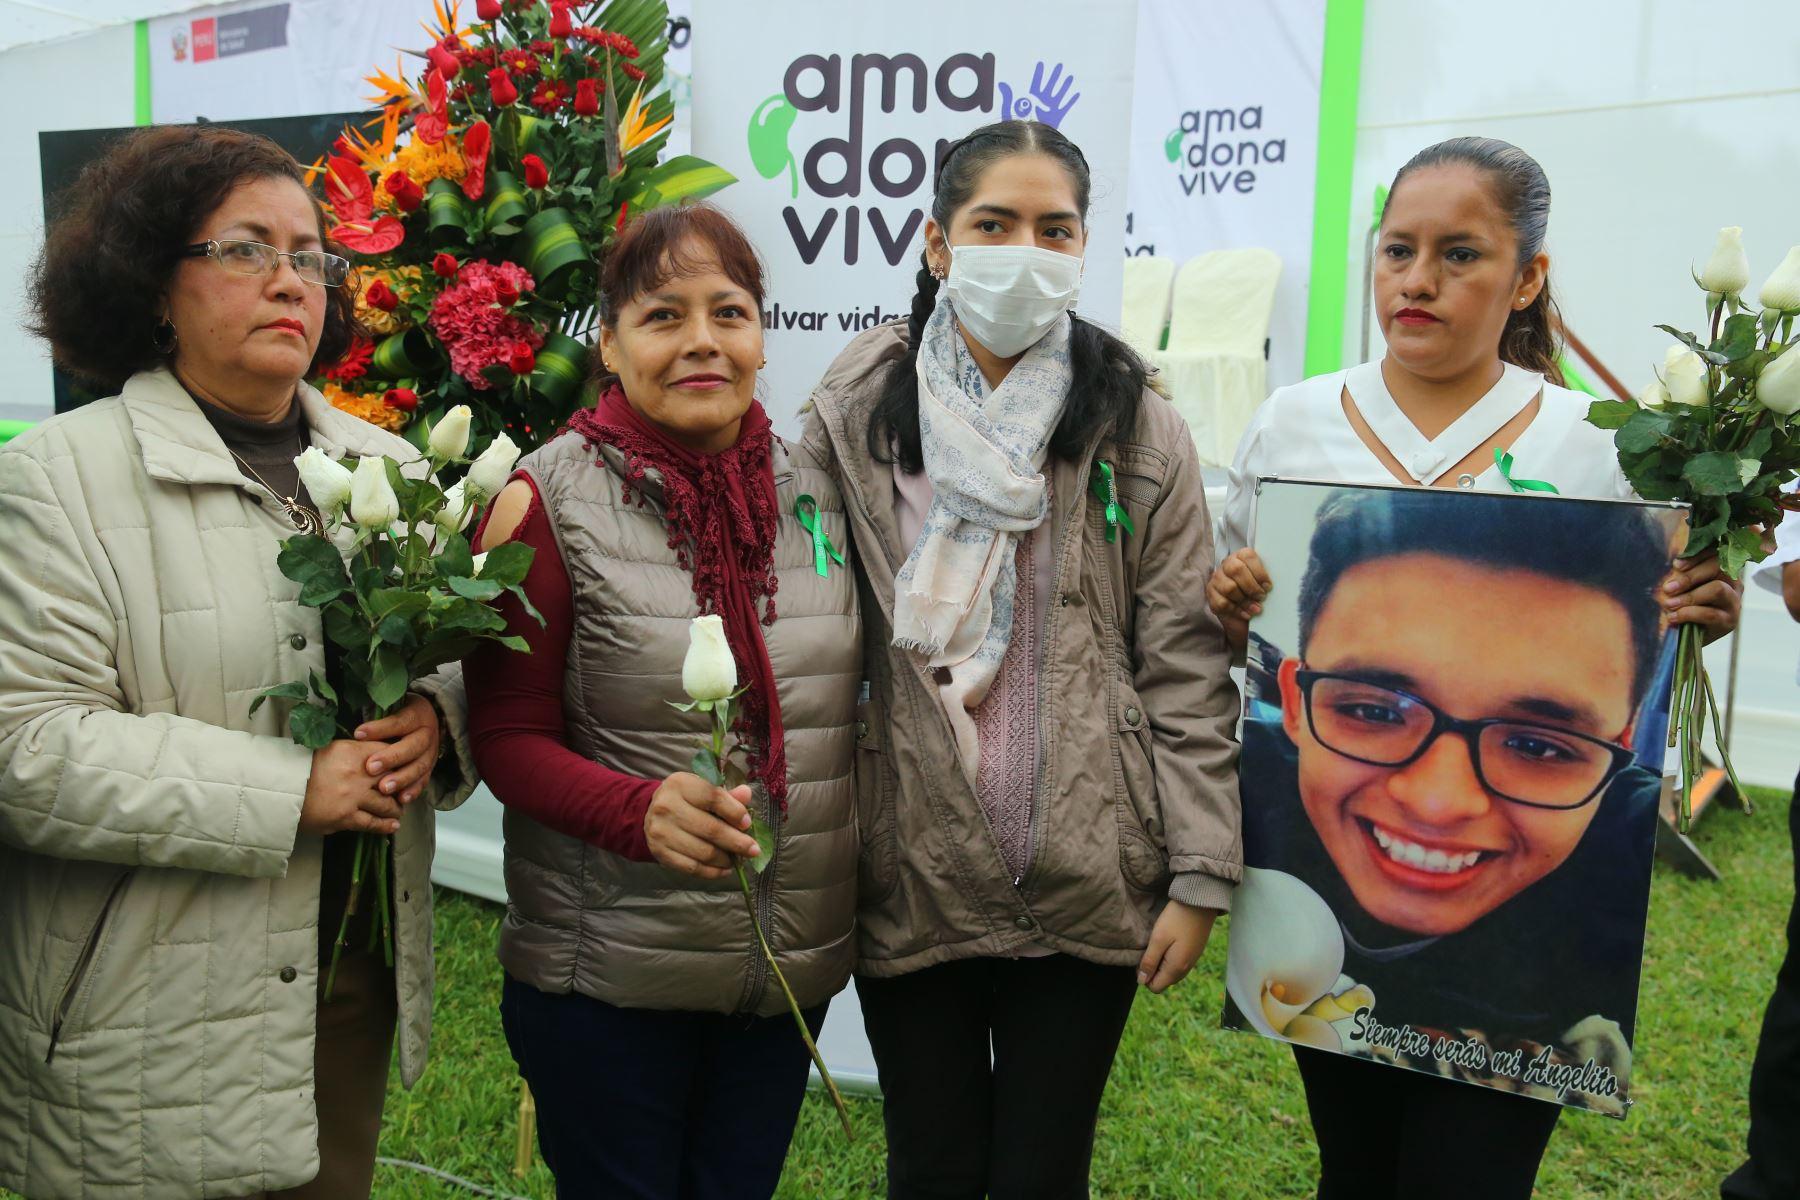 Familiares de personas que donaron sus órganos tuvieron encuentro emotivo con las familias de receptores. Actividad se realizó en el MINSA. ANDINA/Vidal Tarqui